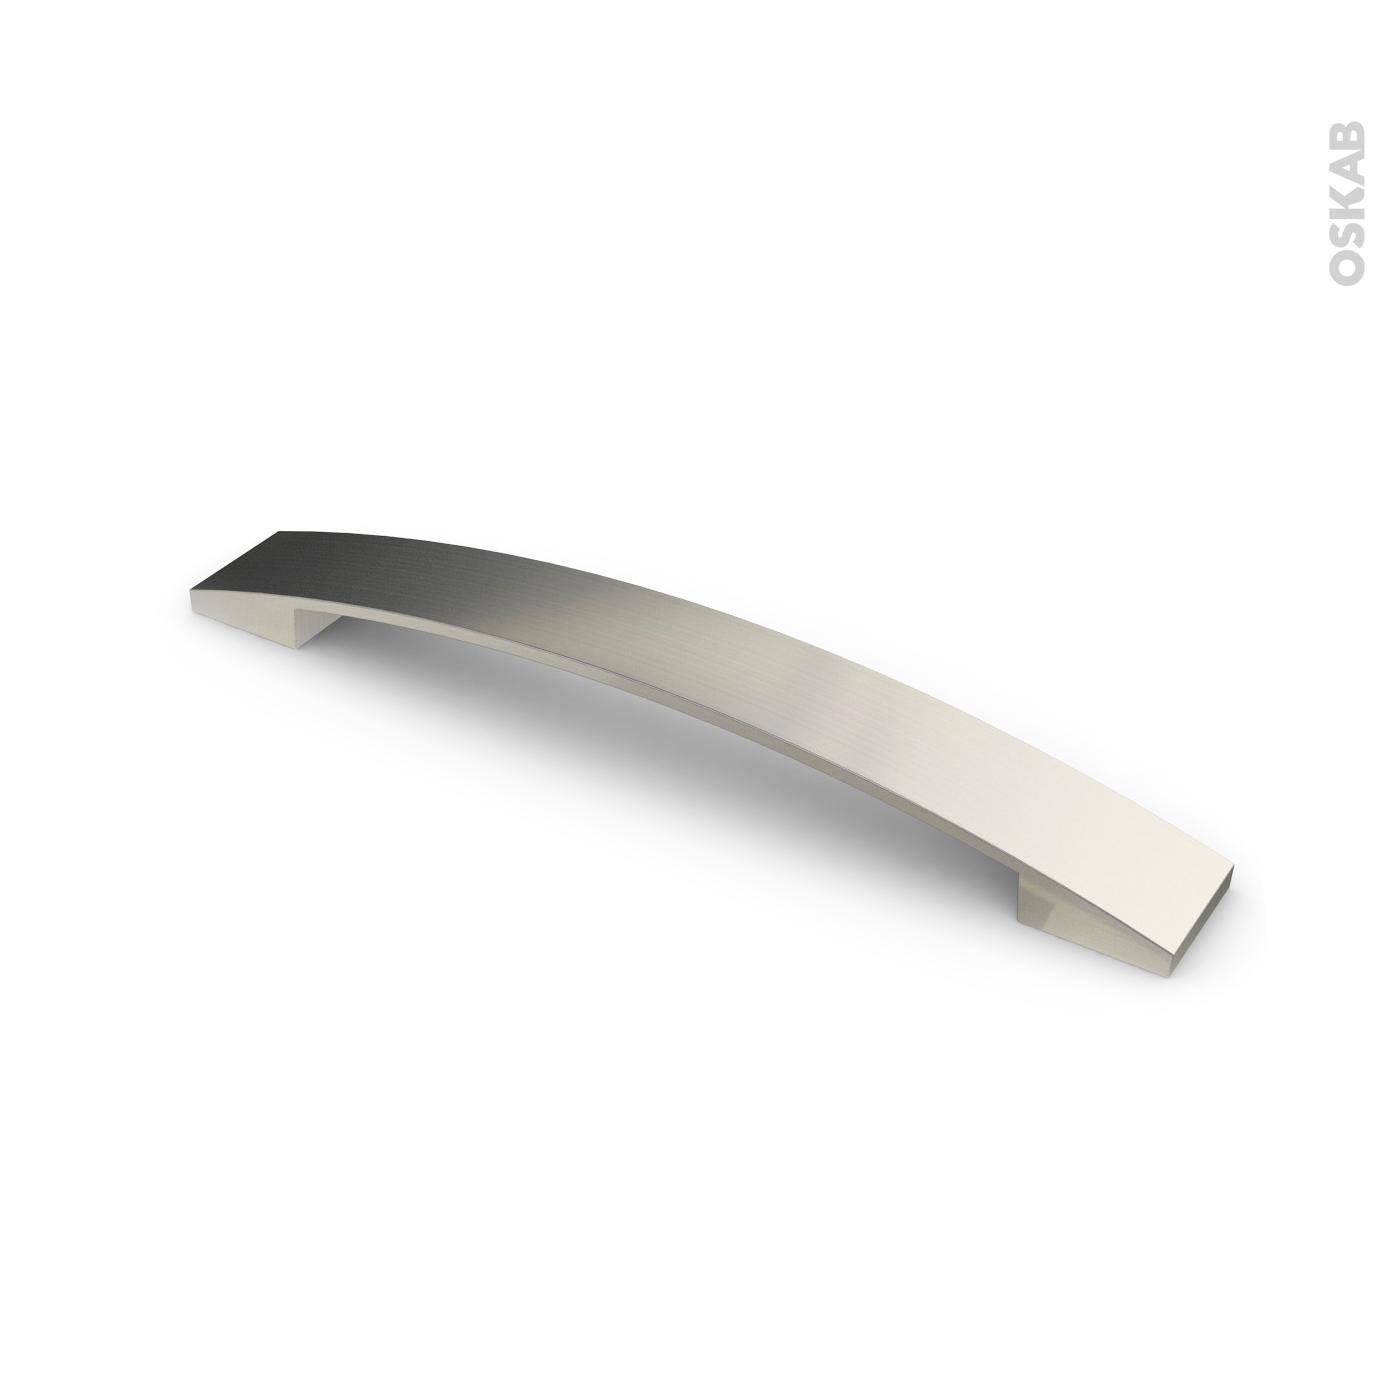 Poignet De Meuble De Cuisine poignée de meuble de cuisine n°3 inox brossé, 20,2 cm, entraxe 160 mm,  sokleo